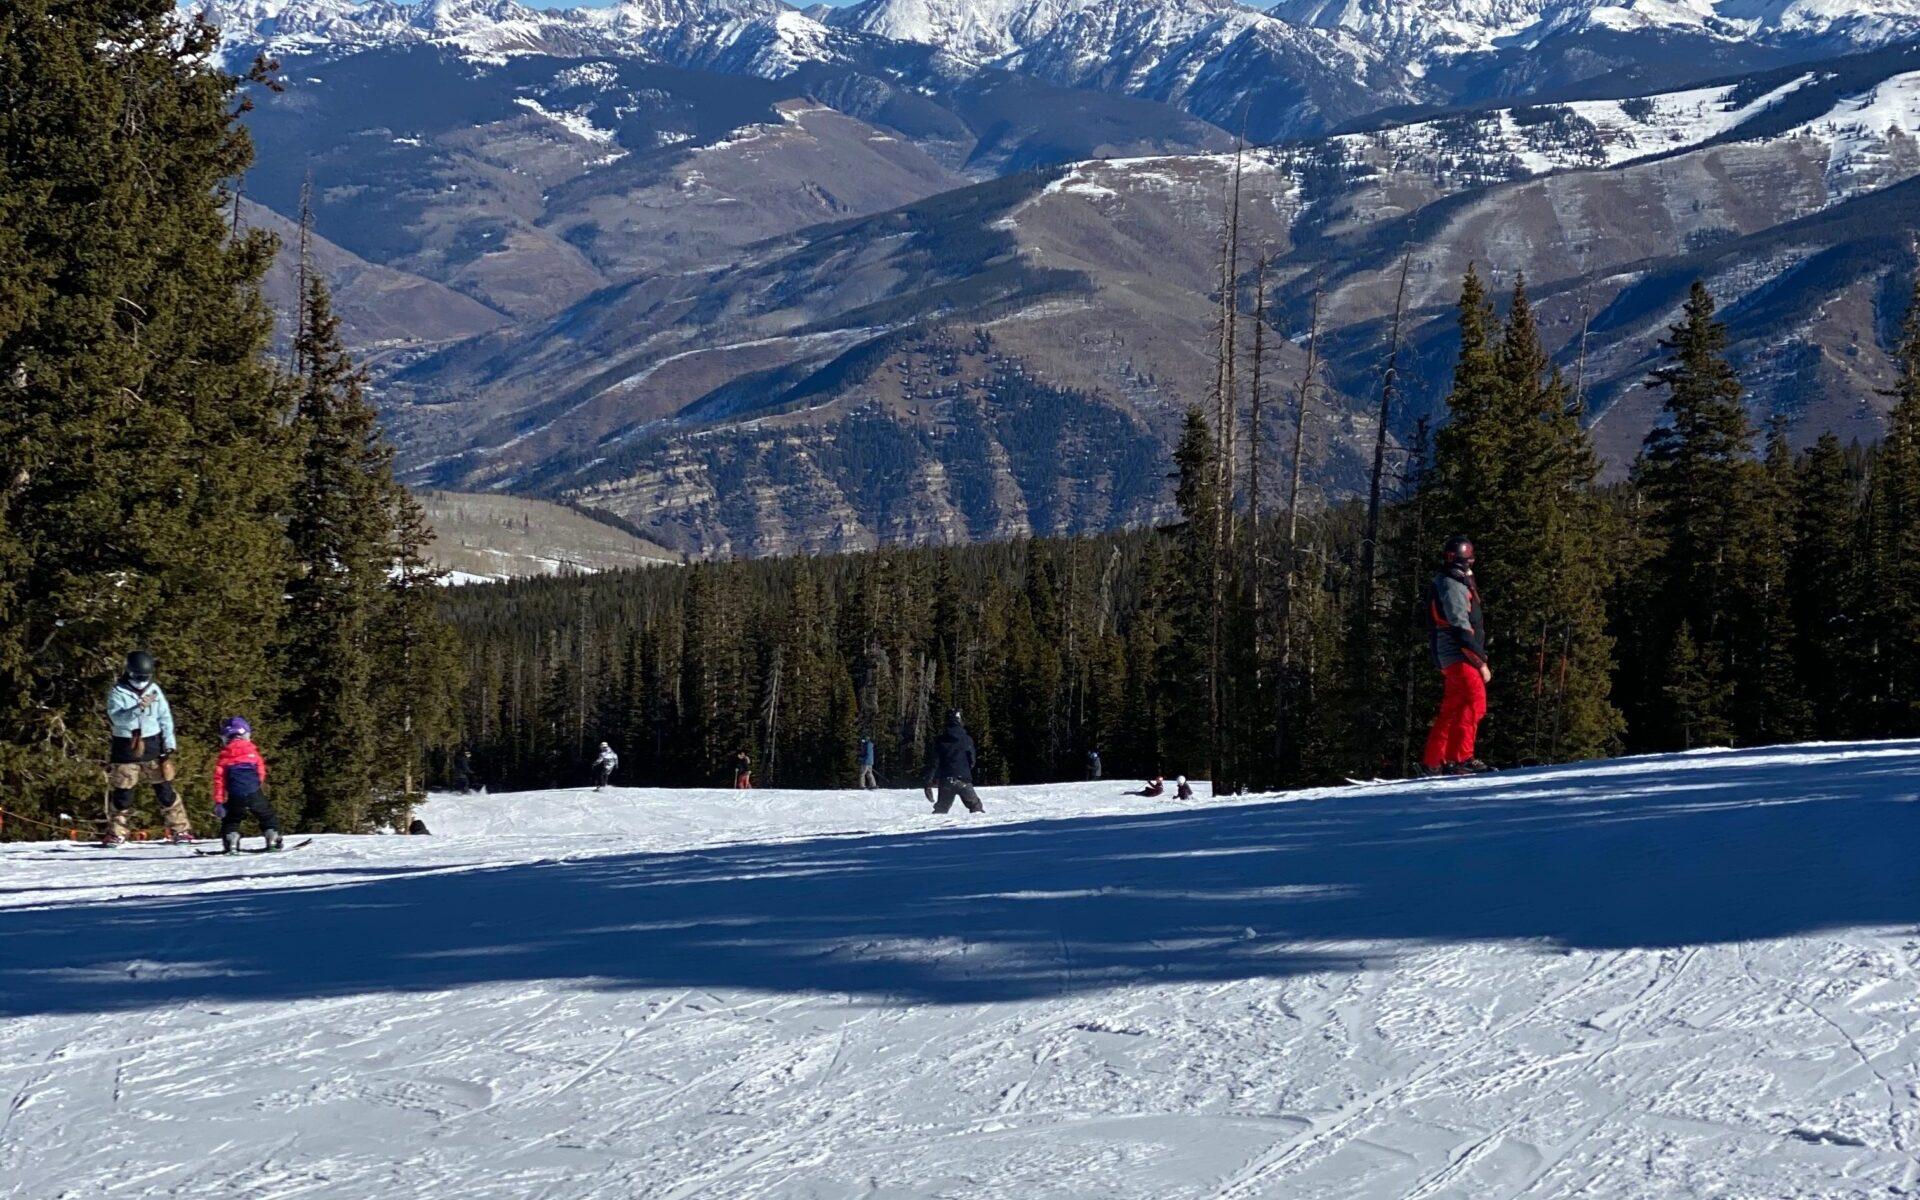 Beginner Ski Hill - Beaver Creek